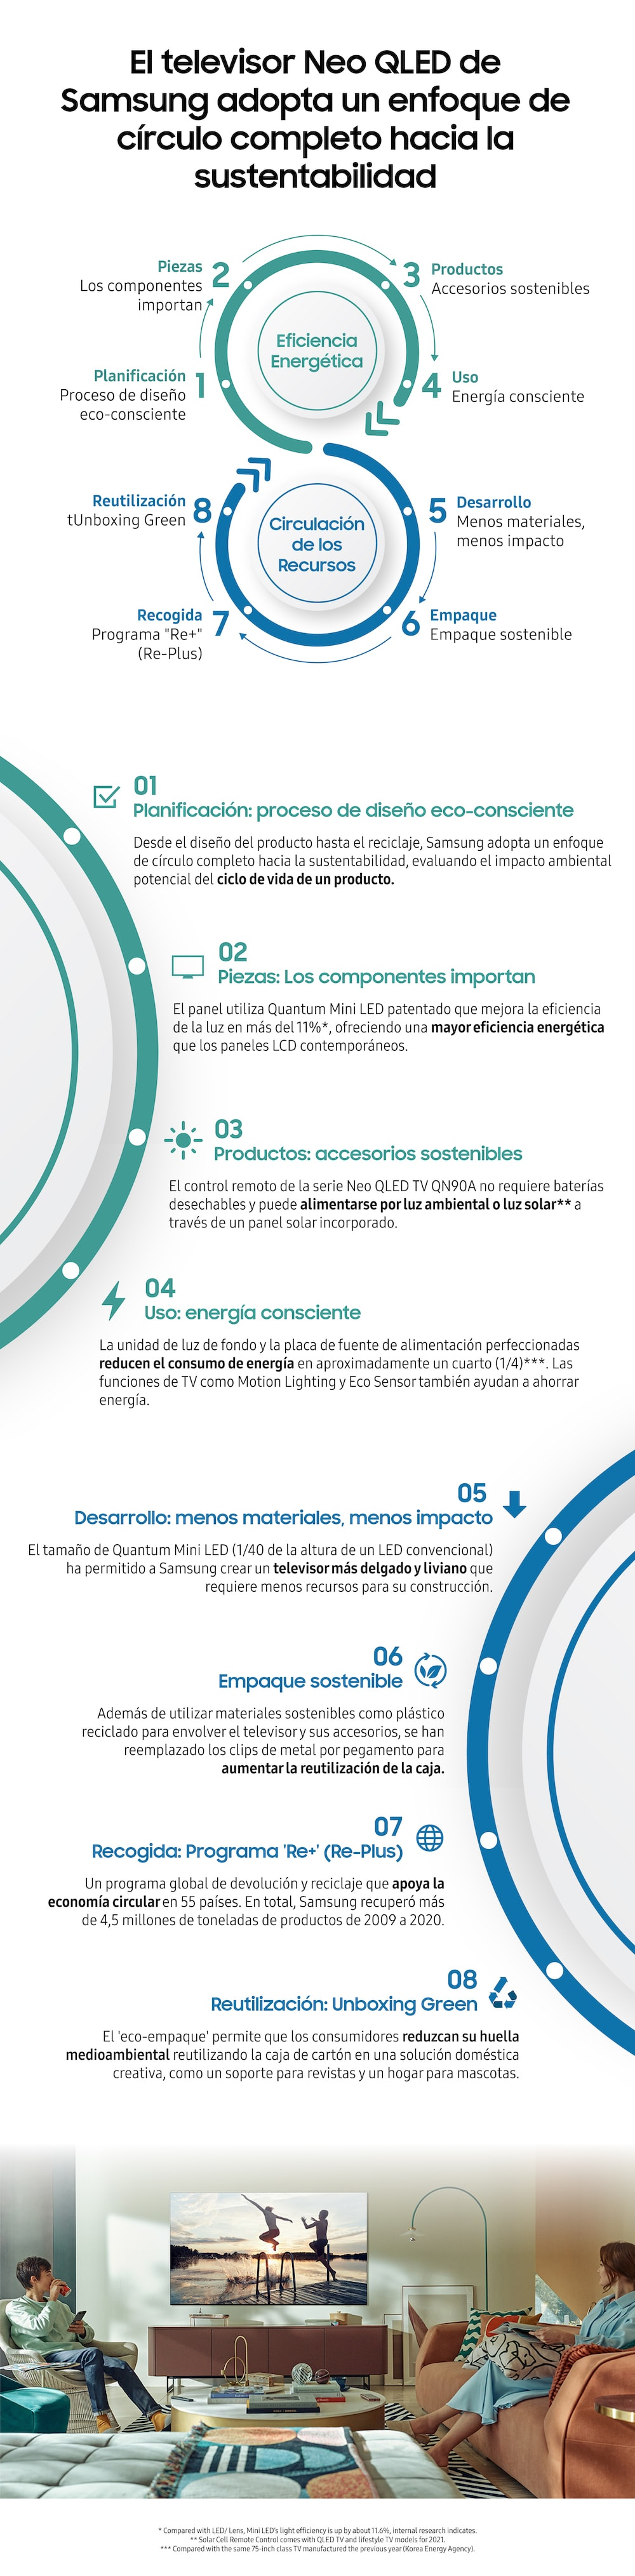 Samsung infogradía QLED